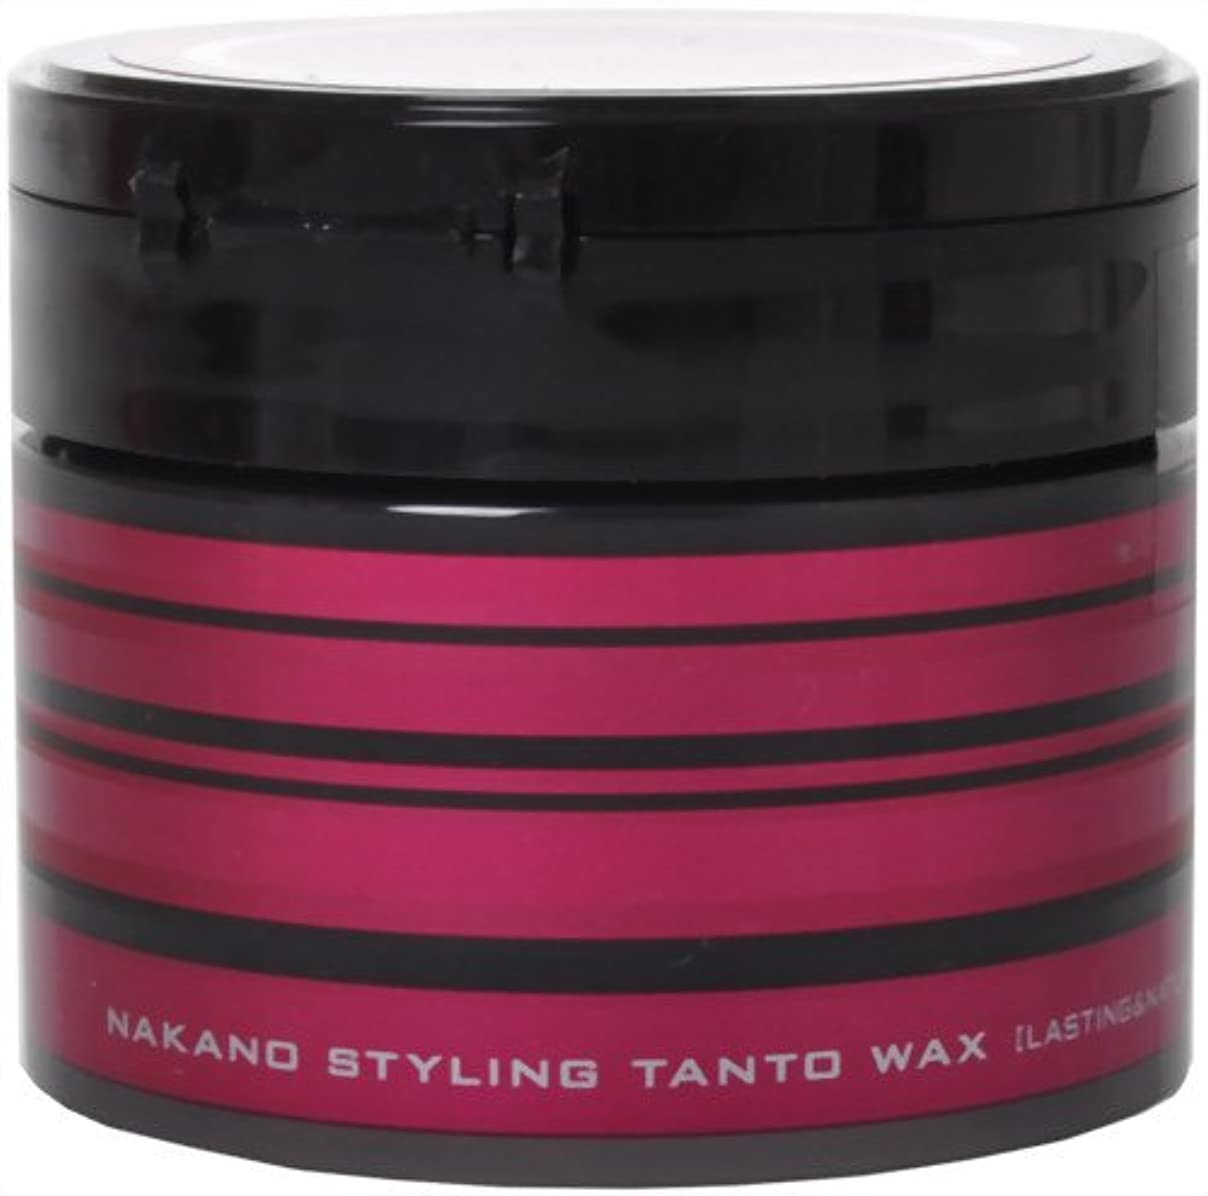 ブラジャー曲げるうねるナカノ スタイリング タント ワックス7 「ラスティング&ナチュラル」 90g